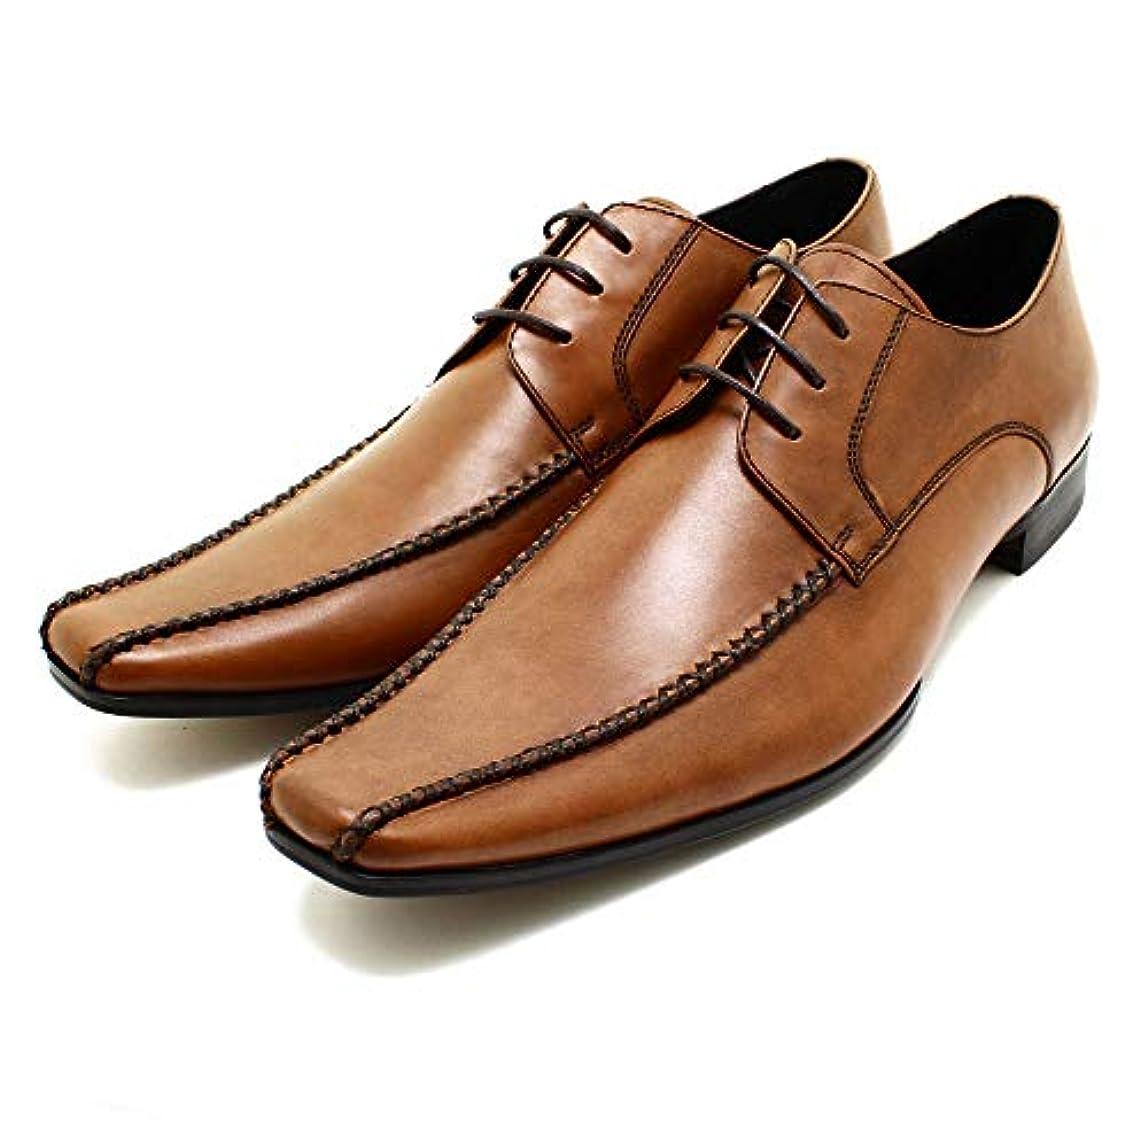 三角形ぞっとするような遺産whoop de doo/フープディドゥ 304834 スワローモカクロスステッチシューズ ブラウン 本革ビジネスシューズ ビジネス/ドレス/紐靴/革靴/仕事用/メンズ